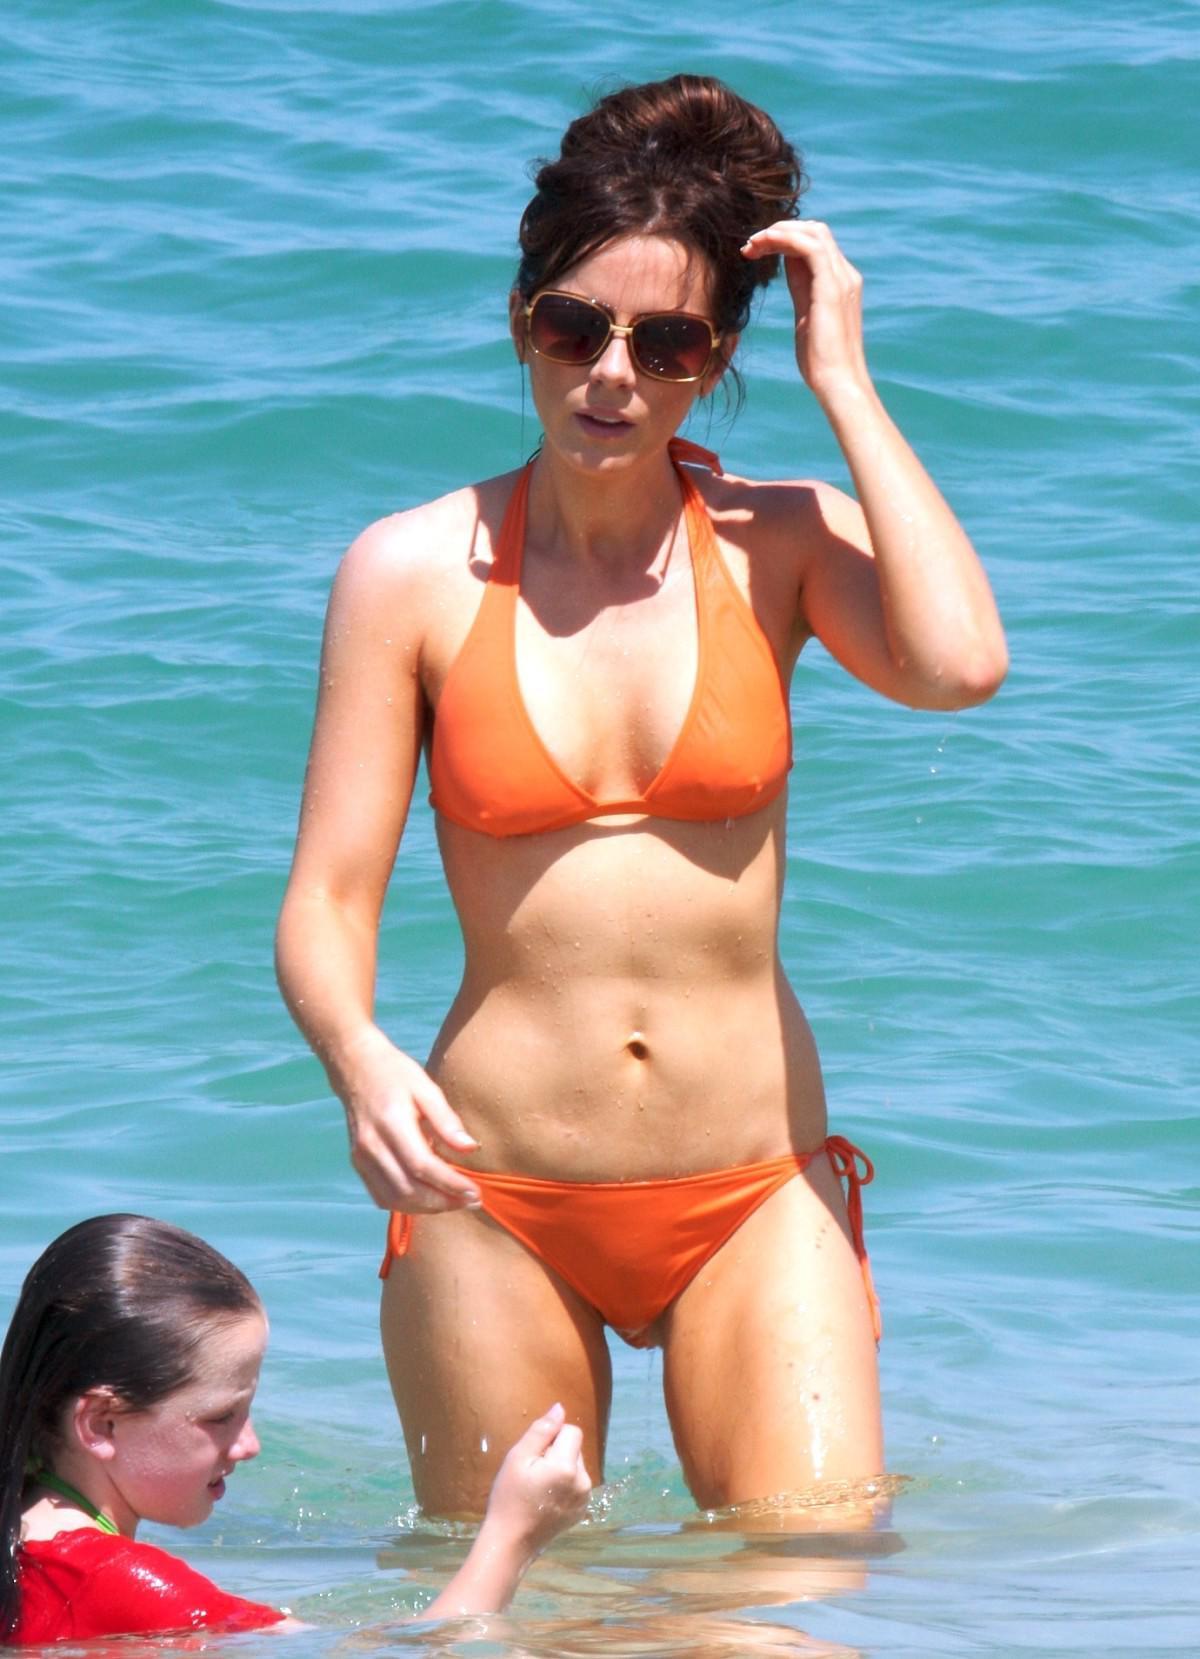 Fotos de desnudos de Kate Beckinsale filtradas en